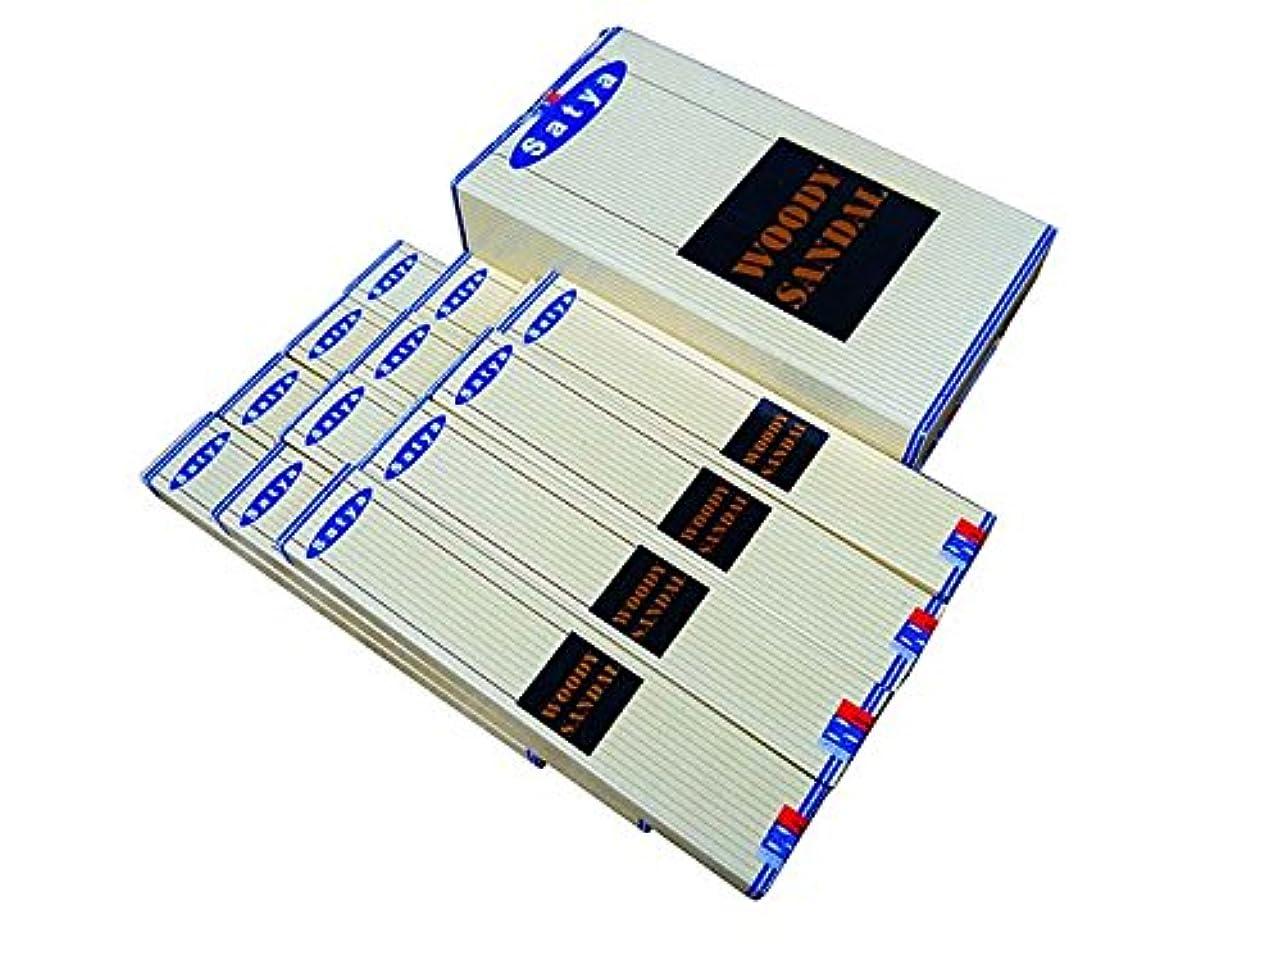 違反する汚い請求書SATYA(サチャ) ウッディサンダル香 スティック WOODYSANDAL 12箱セット